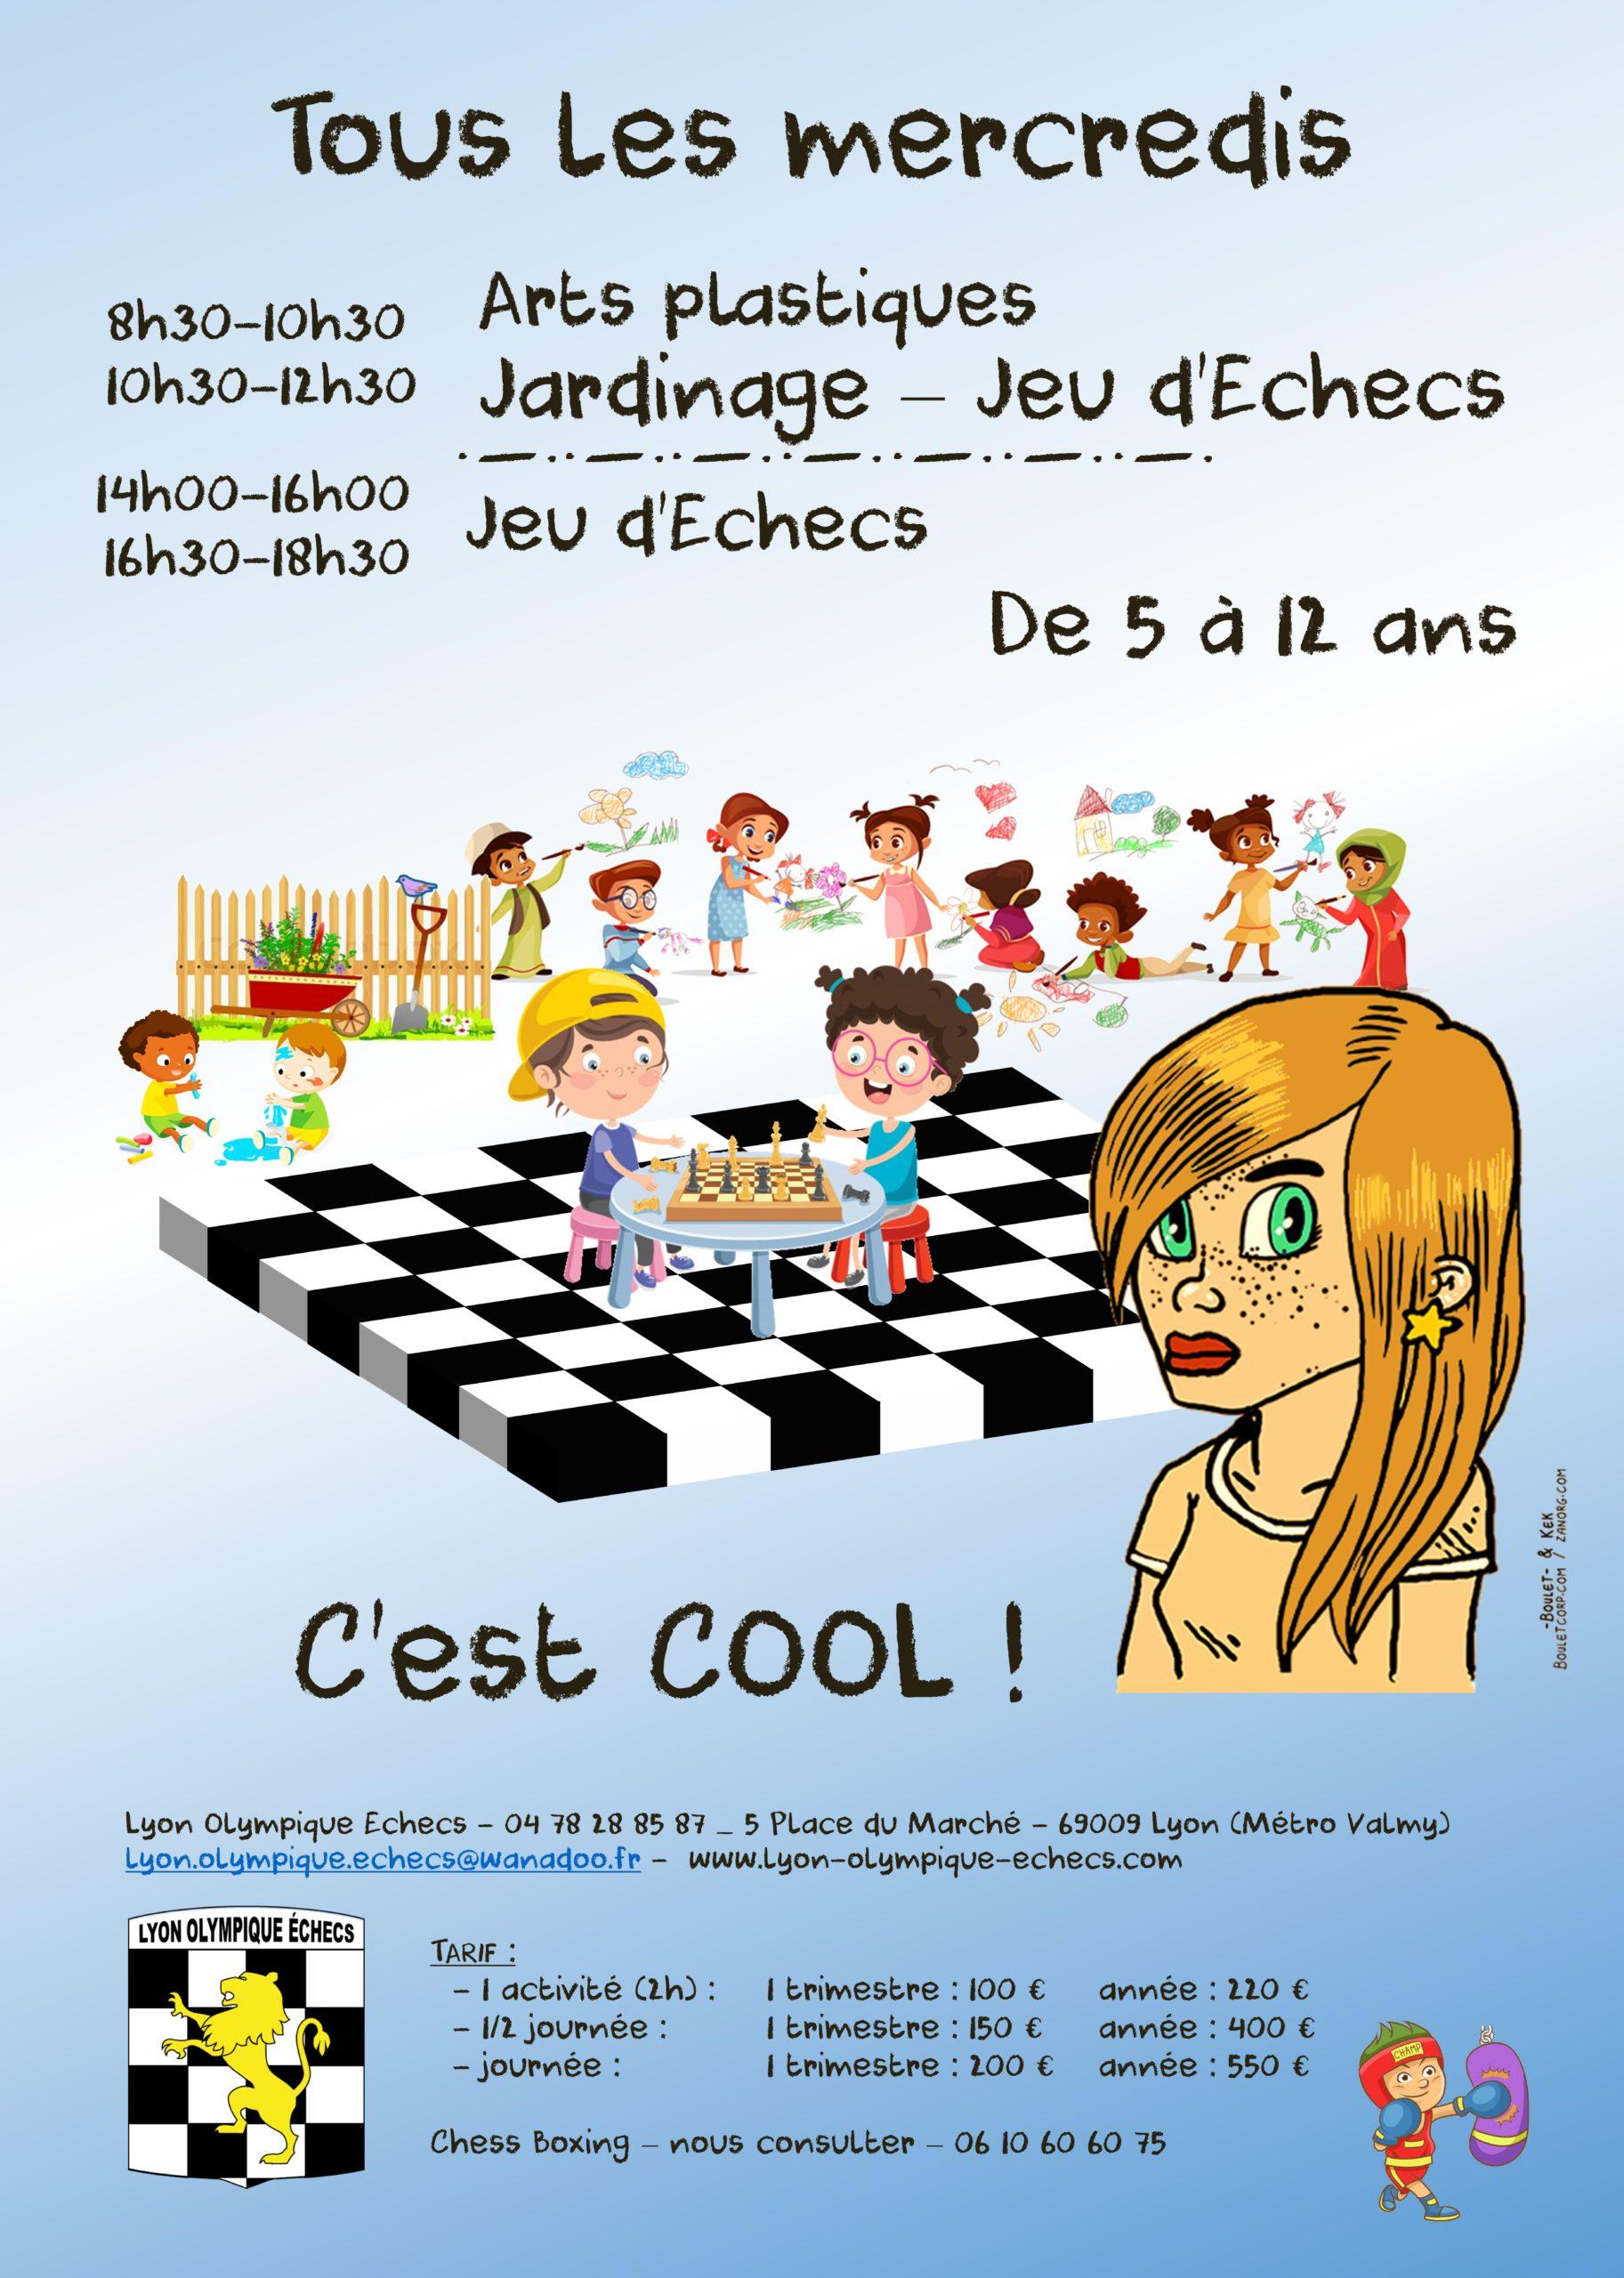 Affiche-des-Mercredis-du-Lyon-Olympique-Echecs